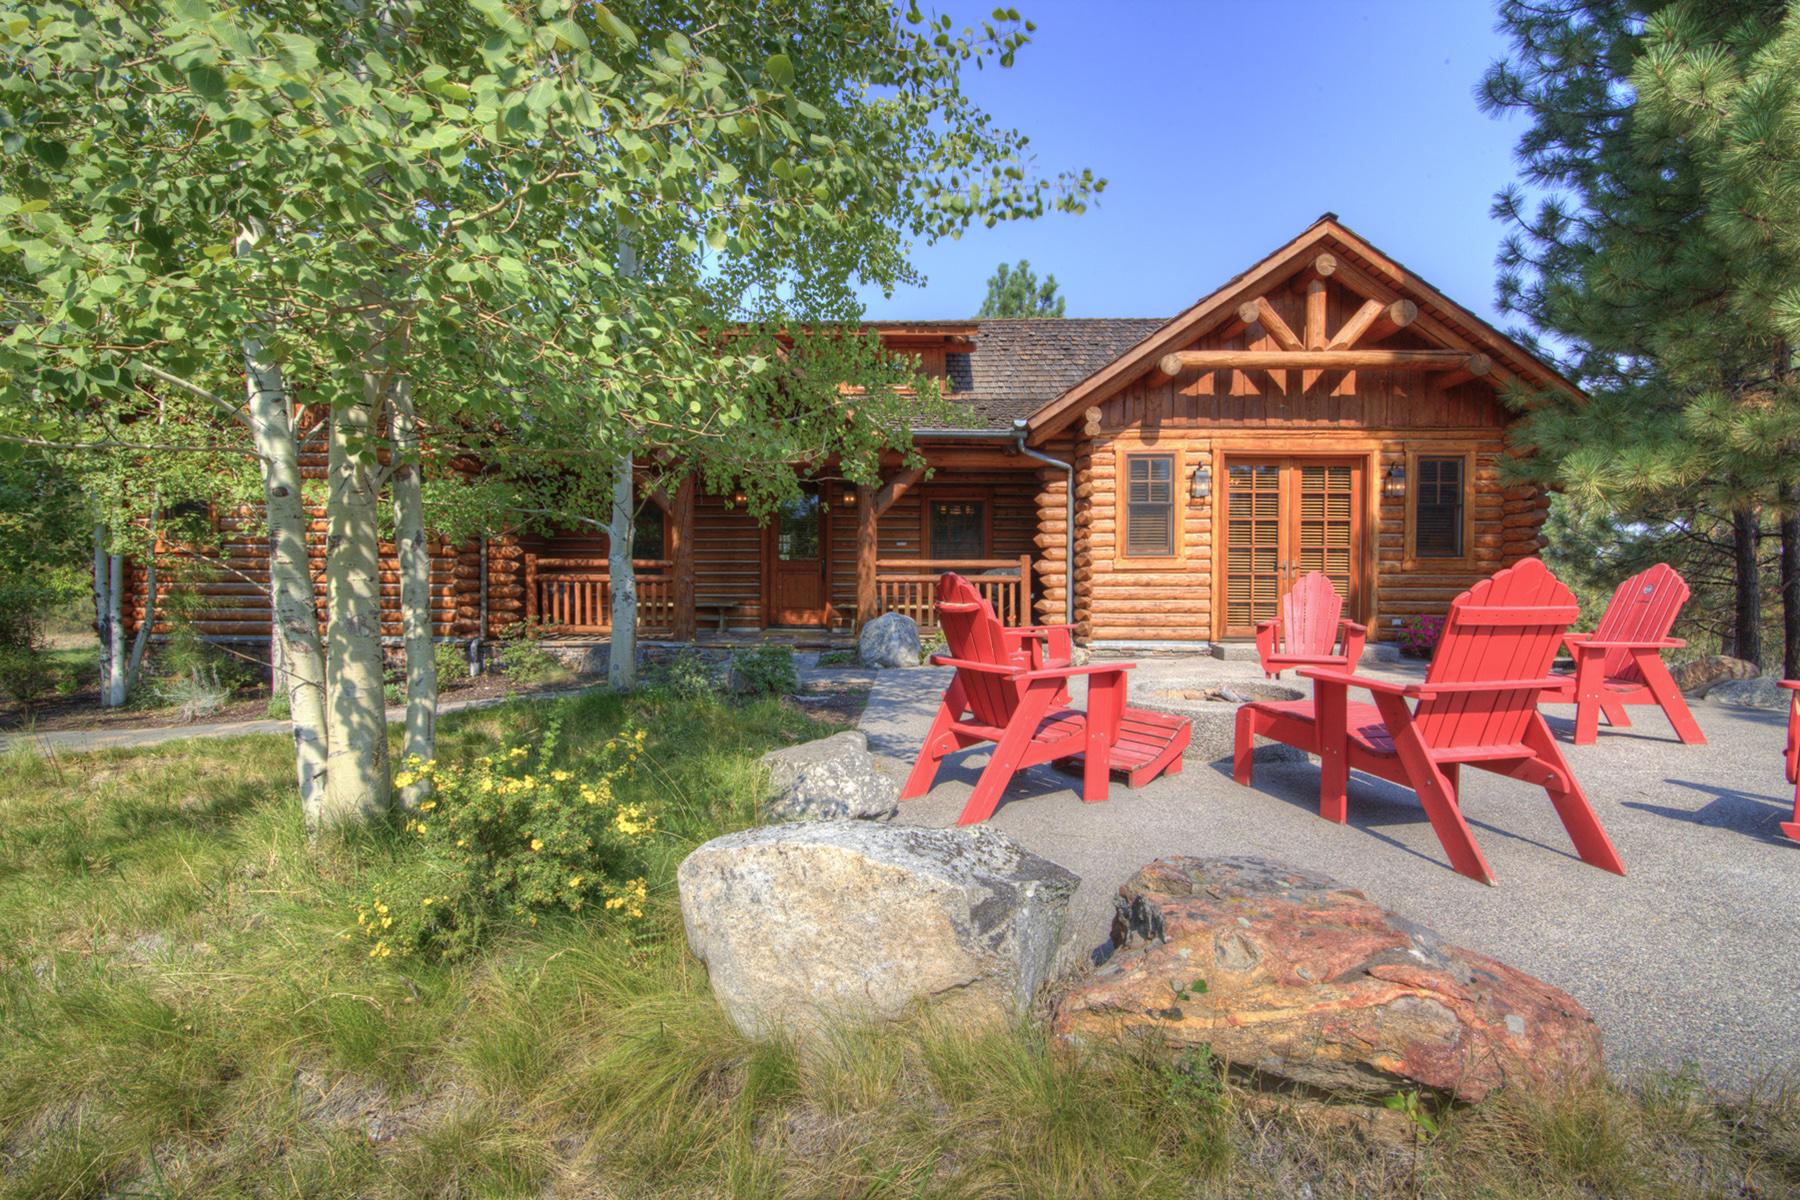 Maison unifamiliale pour l Vente à Stock Farm Cabin 28 770 Pallo Trail Hamilton, Montana 59840 États-Unis